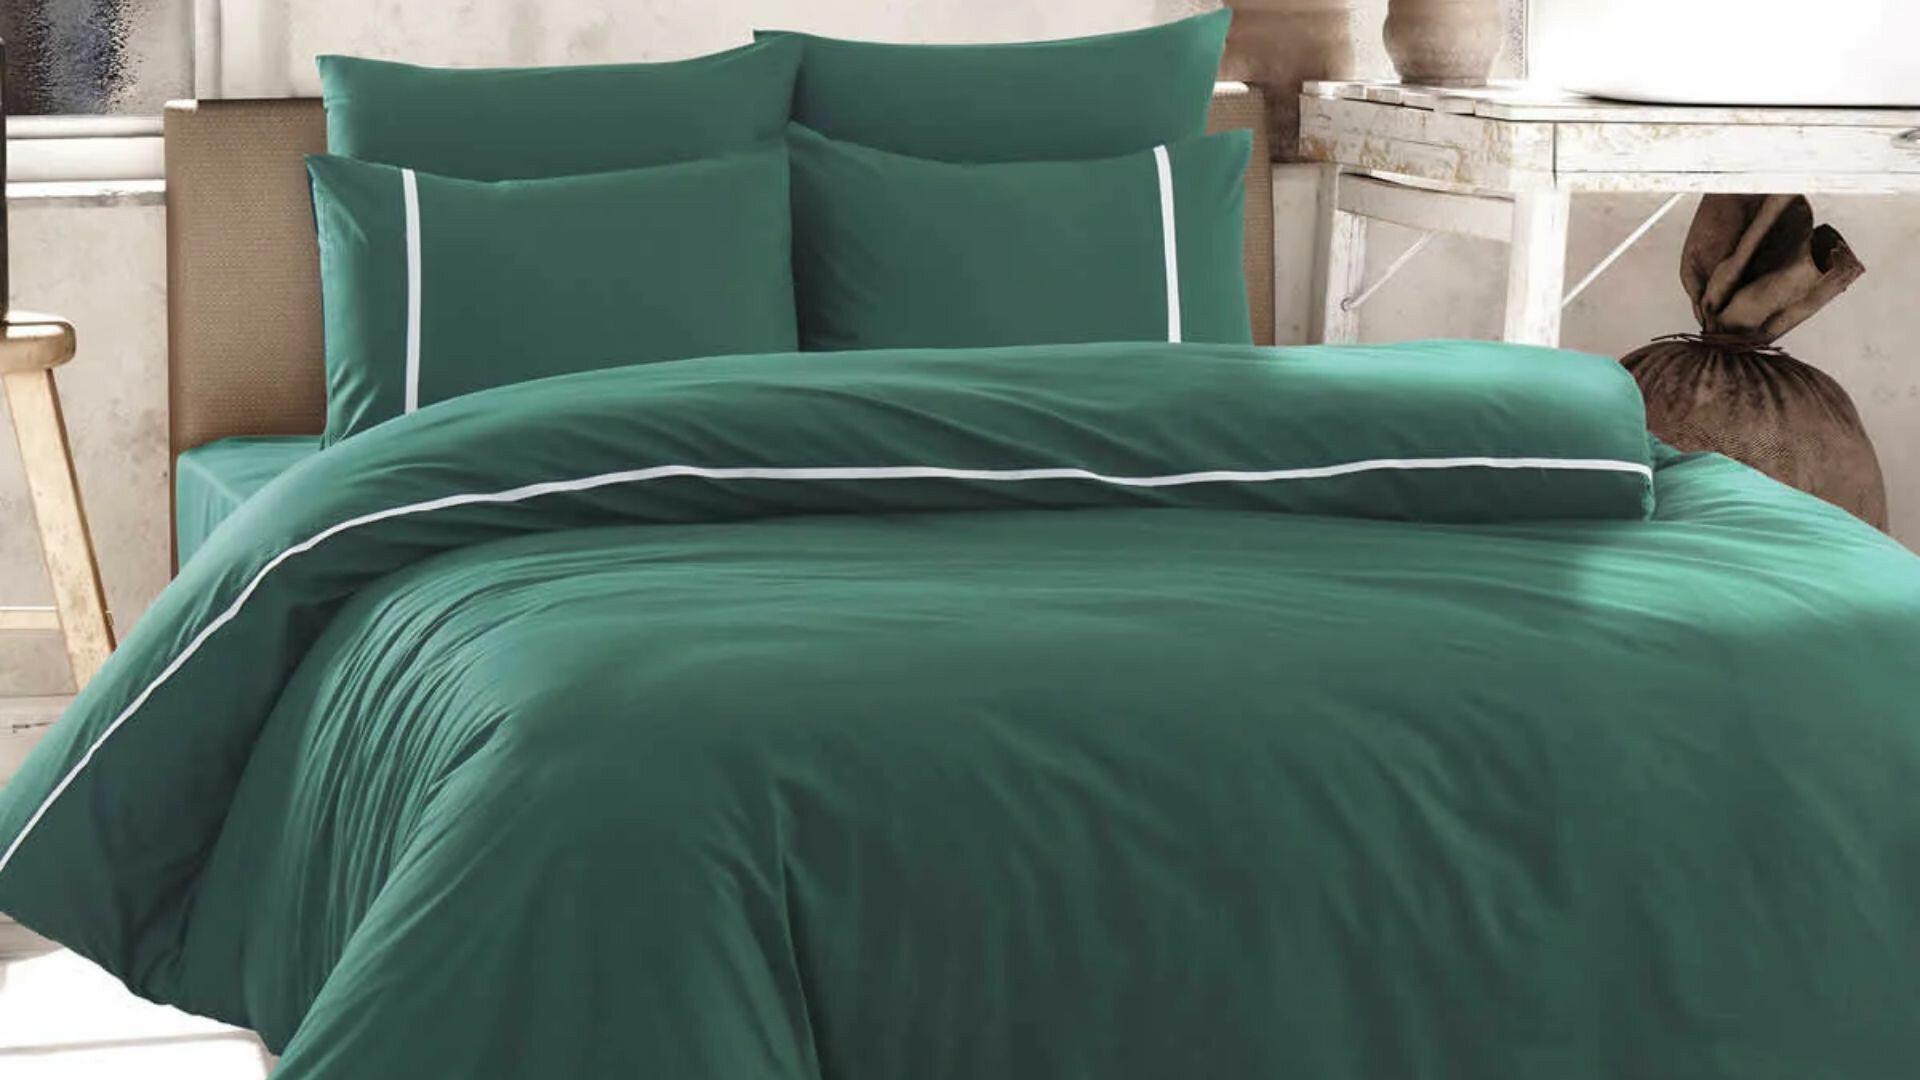 Bosphorus Green Duvet Cover Set Ck